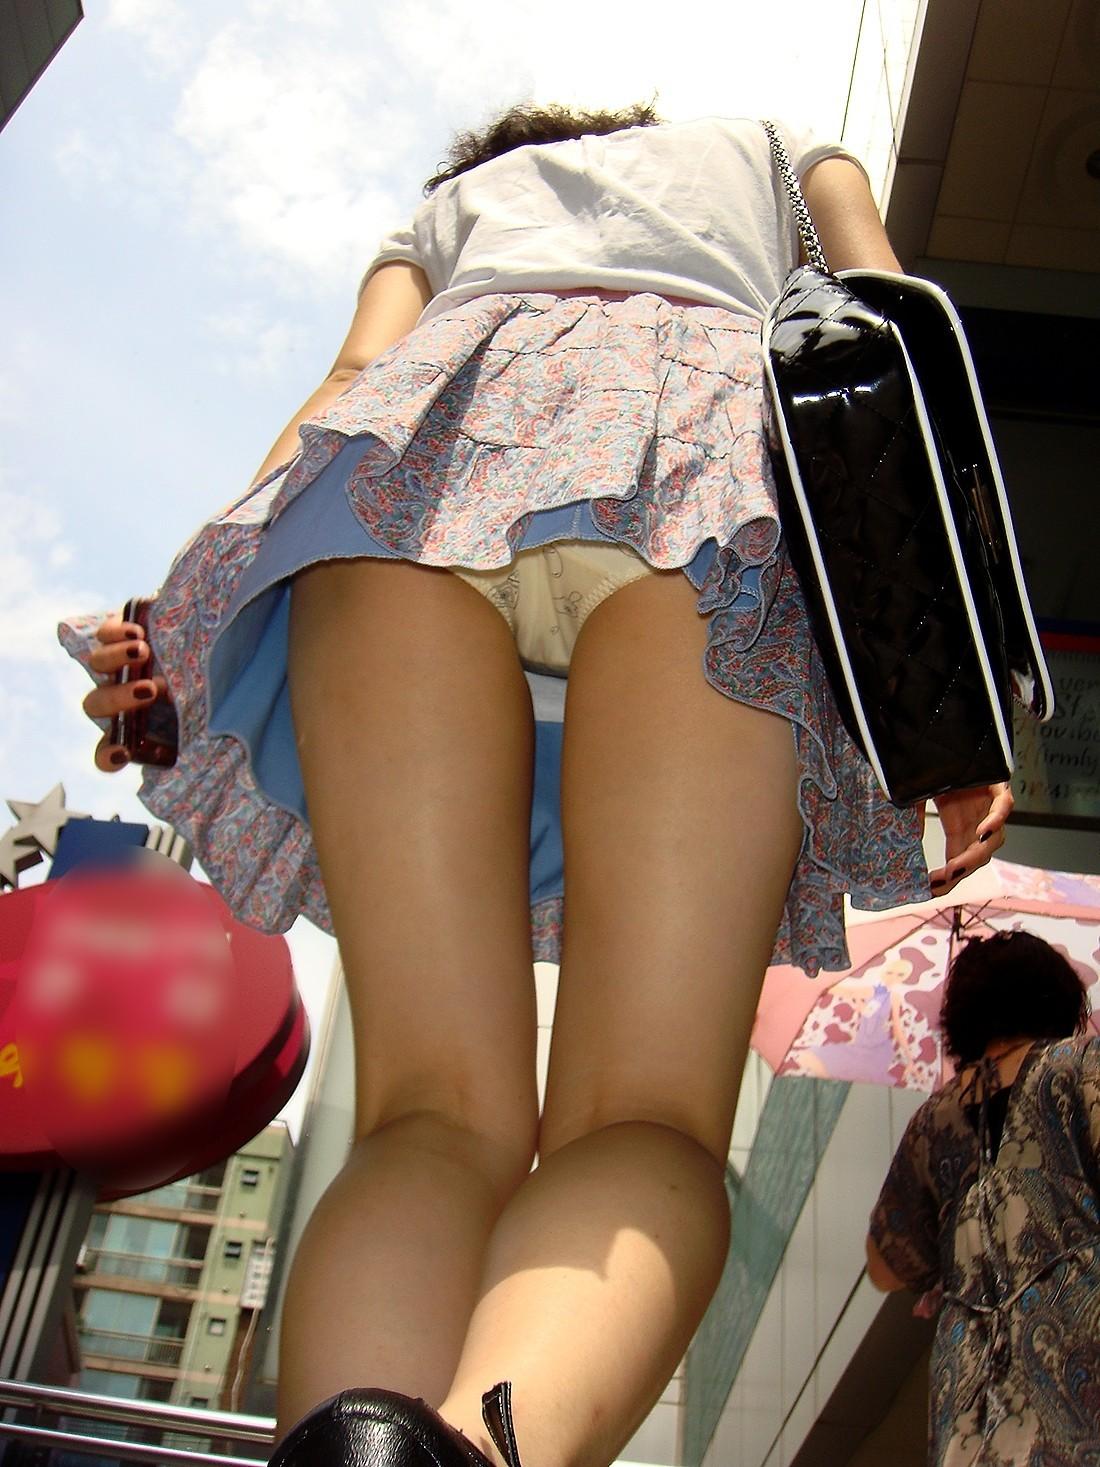 【パンチラエロ画像】階段を上がって!ミニスカ女子達の狙い通りのローアングルチラwww 12